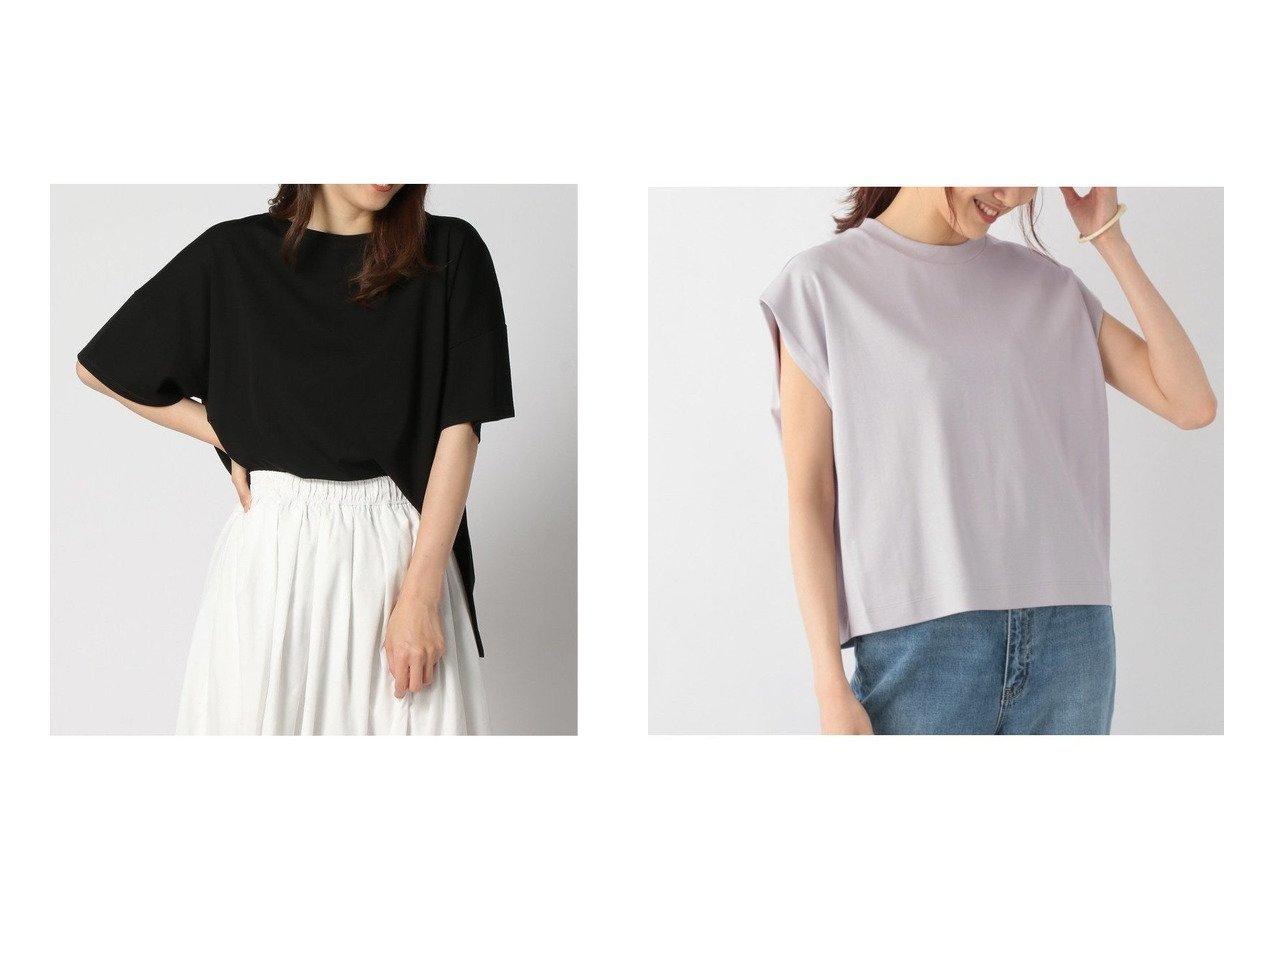 【GLOBAL WORK/グローバルワーク】のショルダータックPO+D&ポンチョTEE+D 【プチプライス・低価格】おすすめ!人気、トレンド・レディースファッションの通販 おすすめで人気の流行・トレンド、ファッションの通販商品 インテリア・家具・メンズファッション・キッズファッション・レディースファッション・服の通販 founy(ファニー) https://founy.com/ ファッション Fashion レディースファッション WOMEN アウター Coat Outerwear ポンチョ Ponchos トップス・カットソー Tops/Tshirt シャツ/ブラウス Shirts/Blouses ロング / Tシャツ T-Shirts カットソー Cut and Sewn NEW・新作・新着・新入荷 New Arrivals カットソー ポンチョ おすすめ Recommend クロップド ショルダー シンプル ストレート テーパード トレンド  ID:crp329100000054152